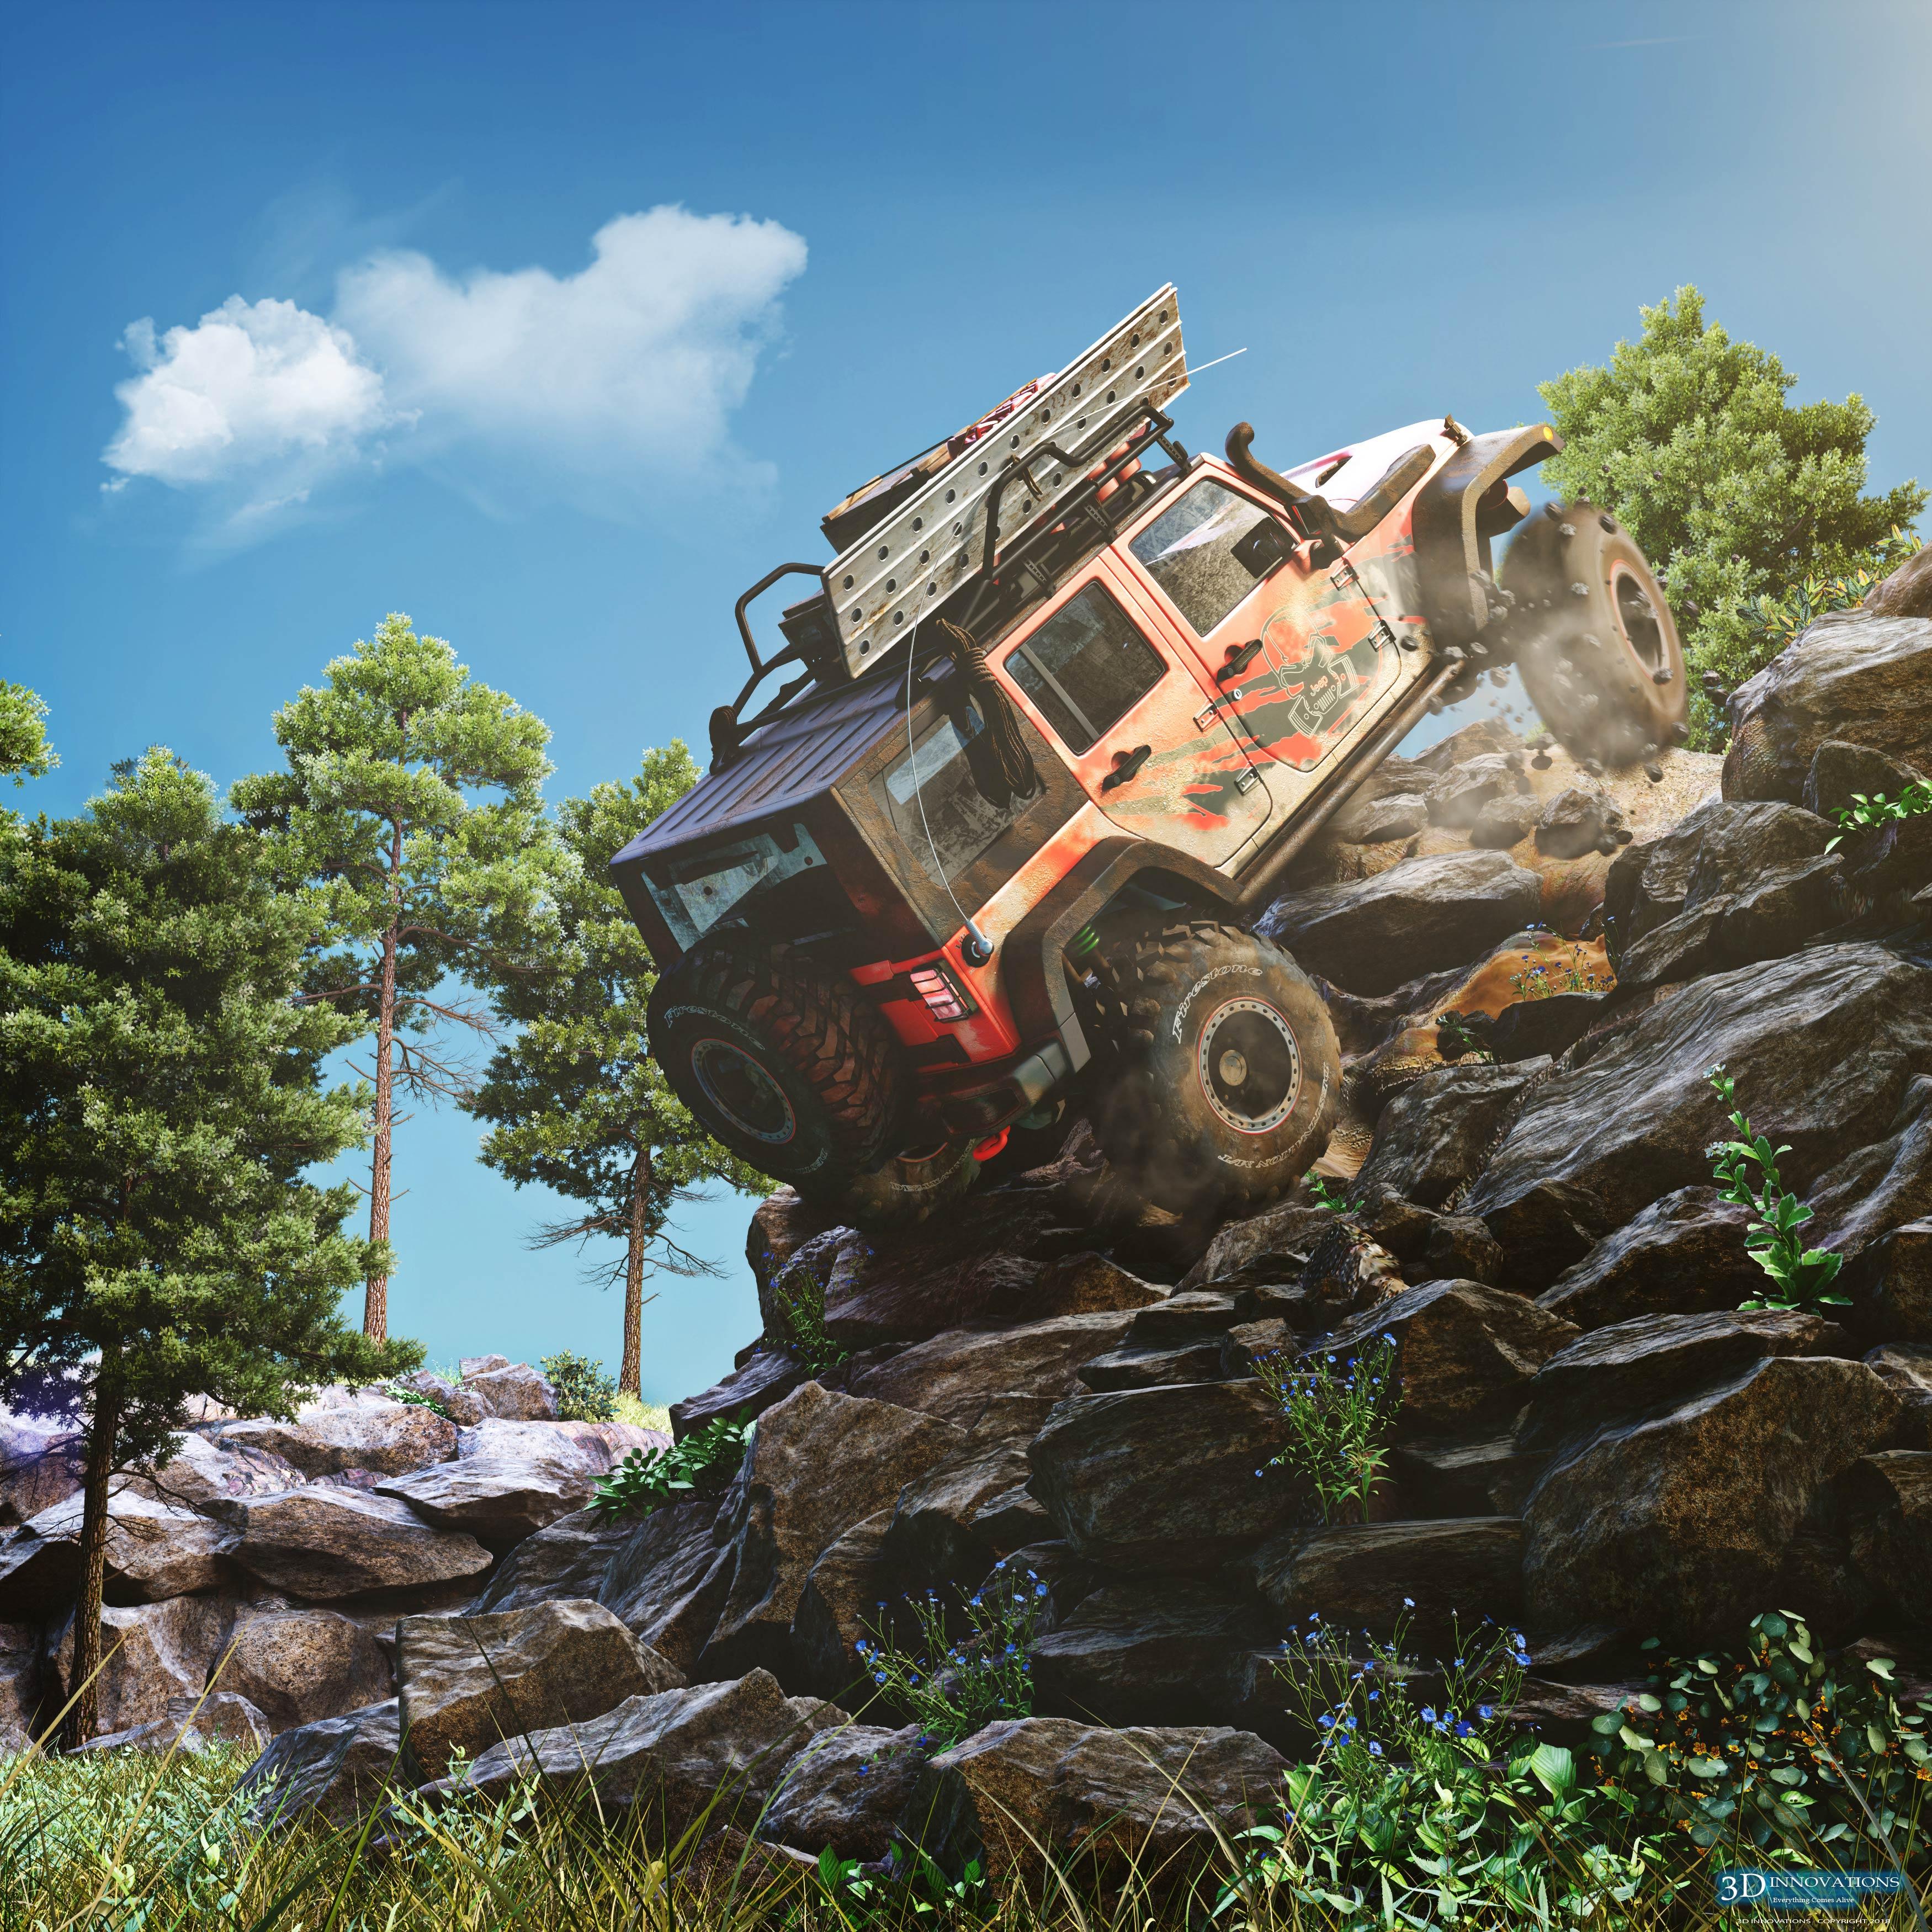 Rock Climbing Jeep 3d art